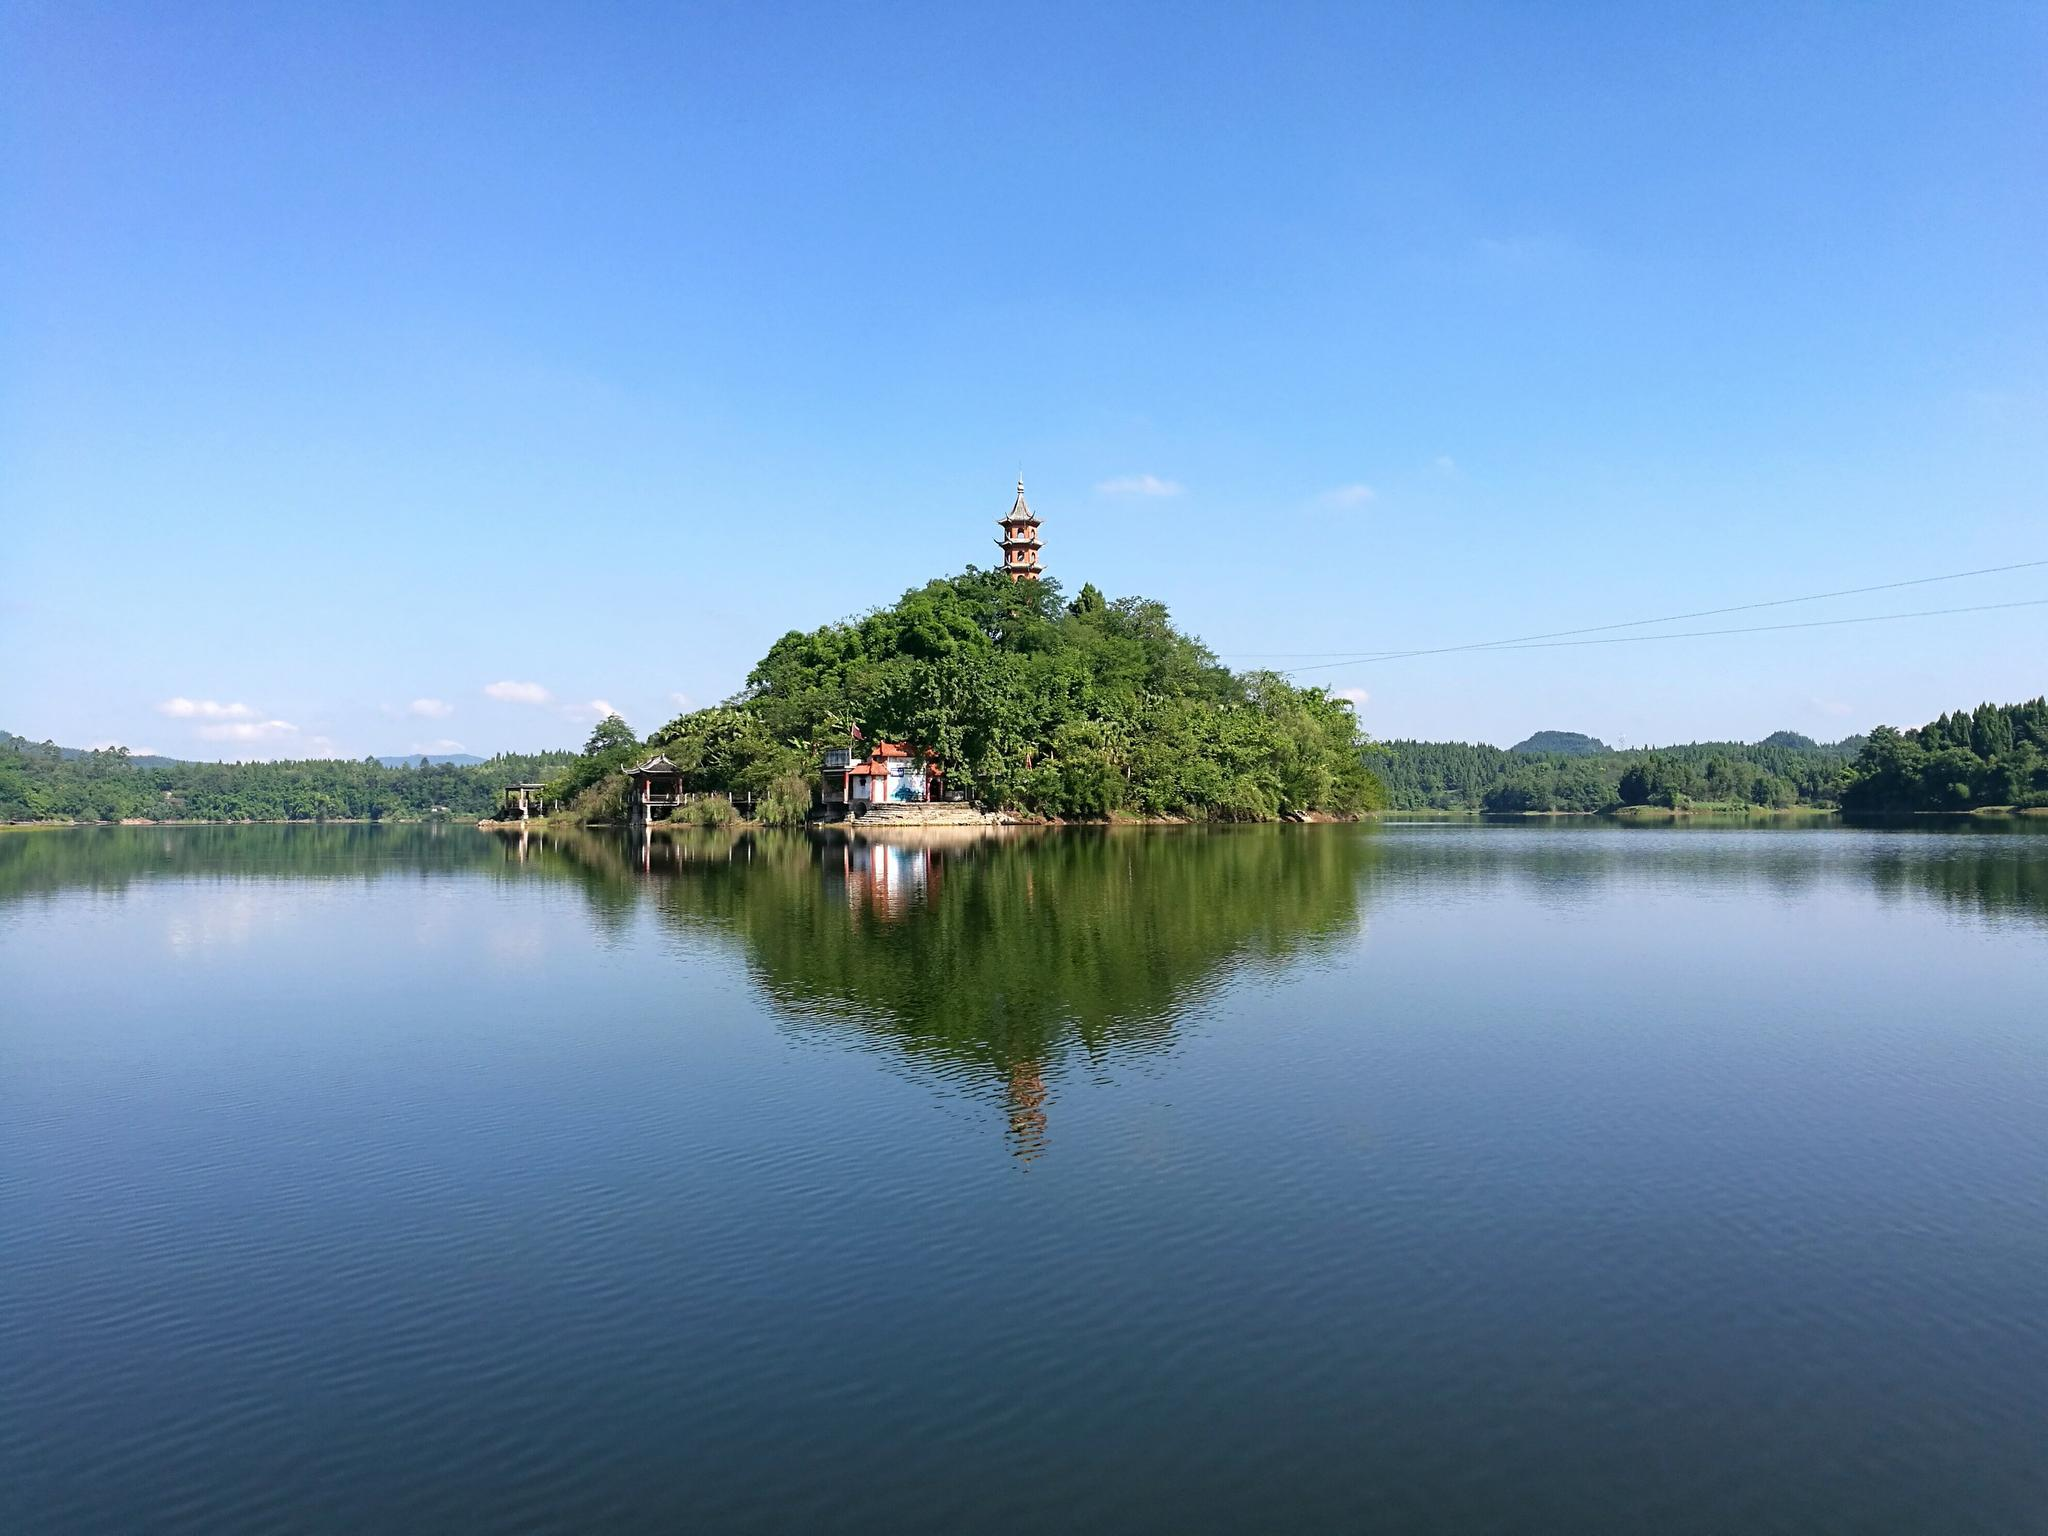 如此美丽的岳池翠湖 你肯定没有见过